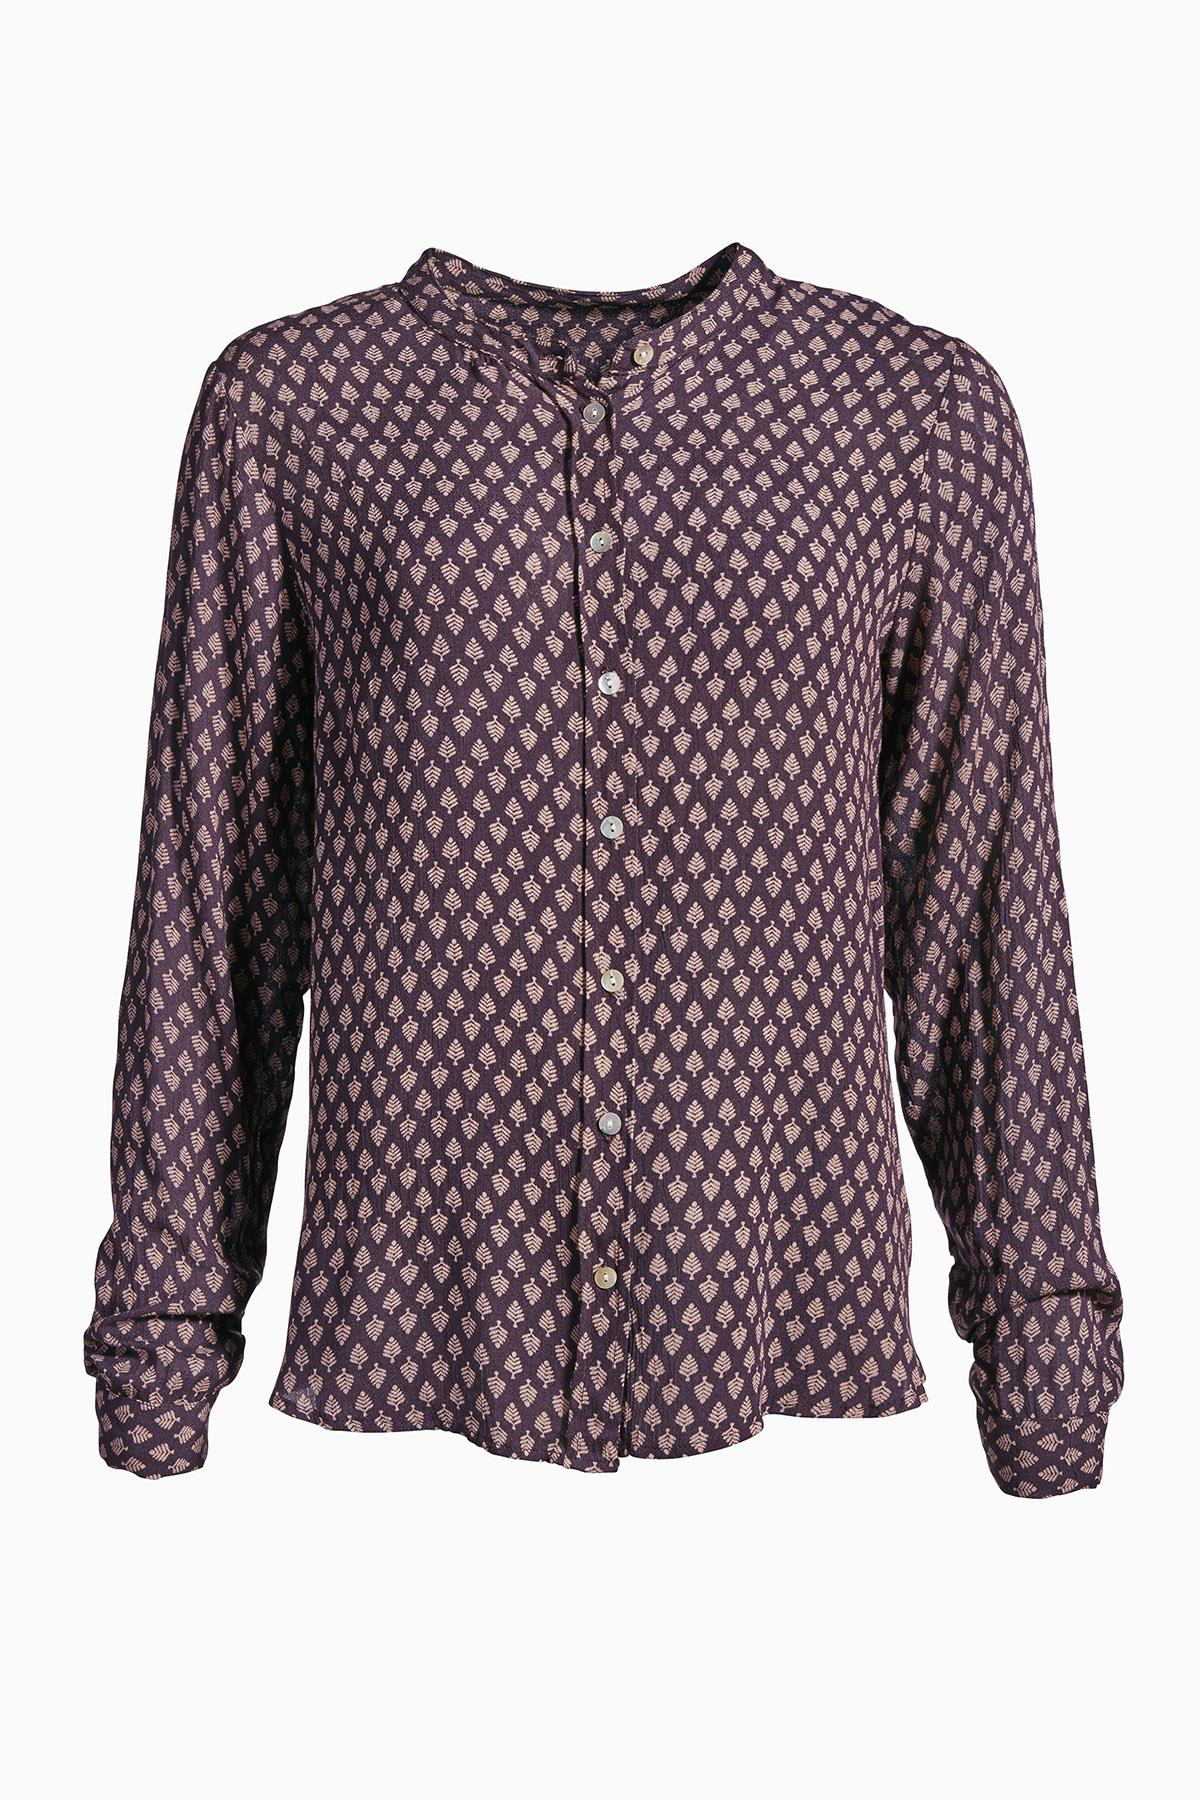 Plum Perfect Långärmad skjorta från Kaffe – Köp Plum Perfect Långärmad skjorta från stl. 34-46 här